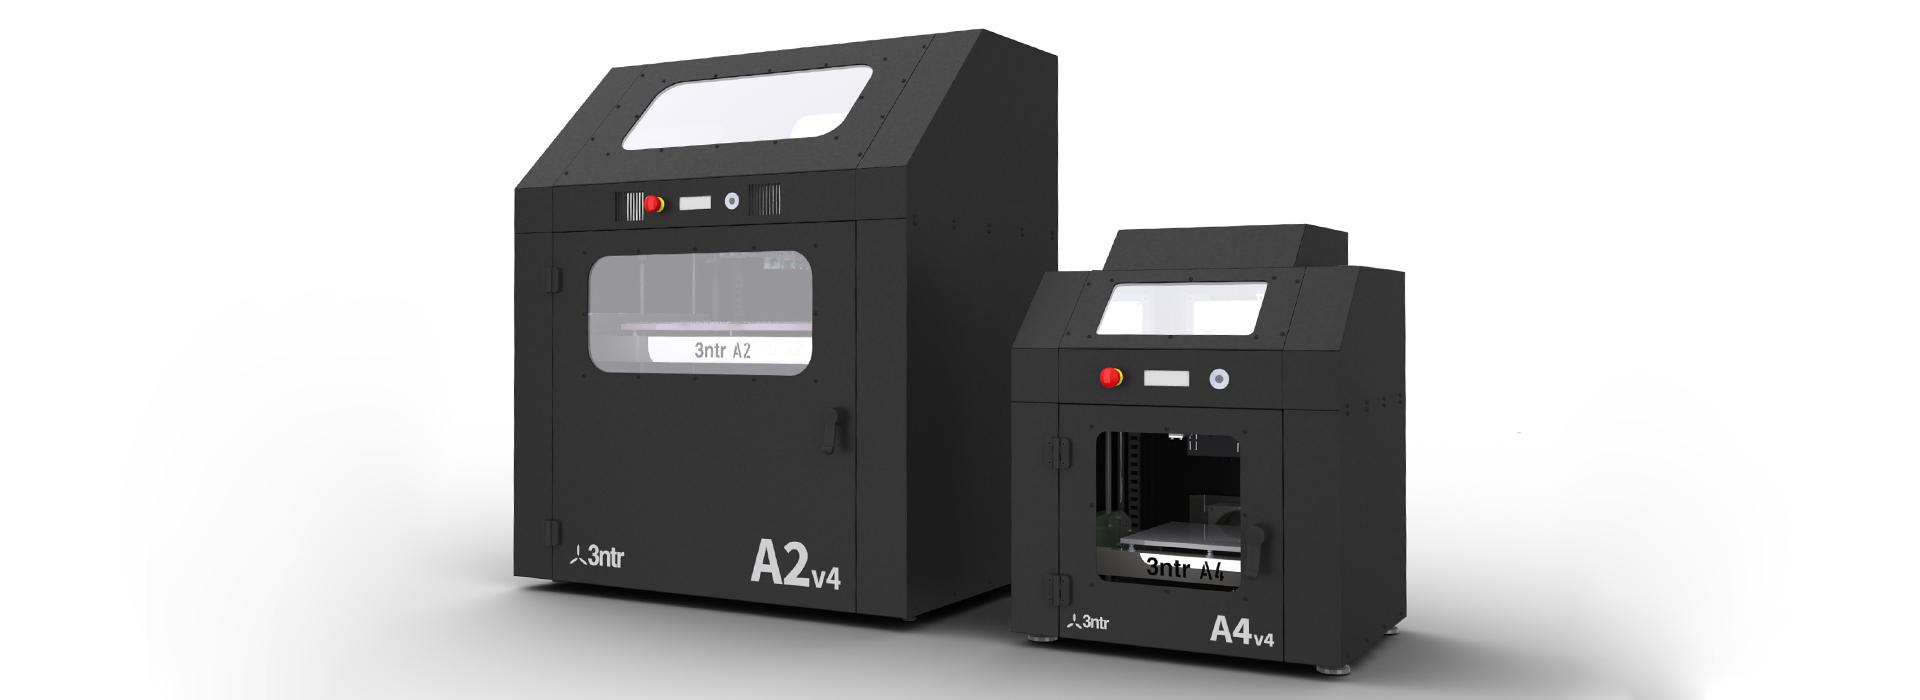 Zwei unterschiedlich große schwarze 3D-Drucker stehen nebeneinadner